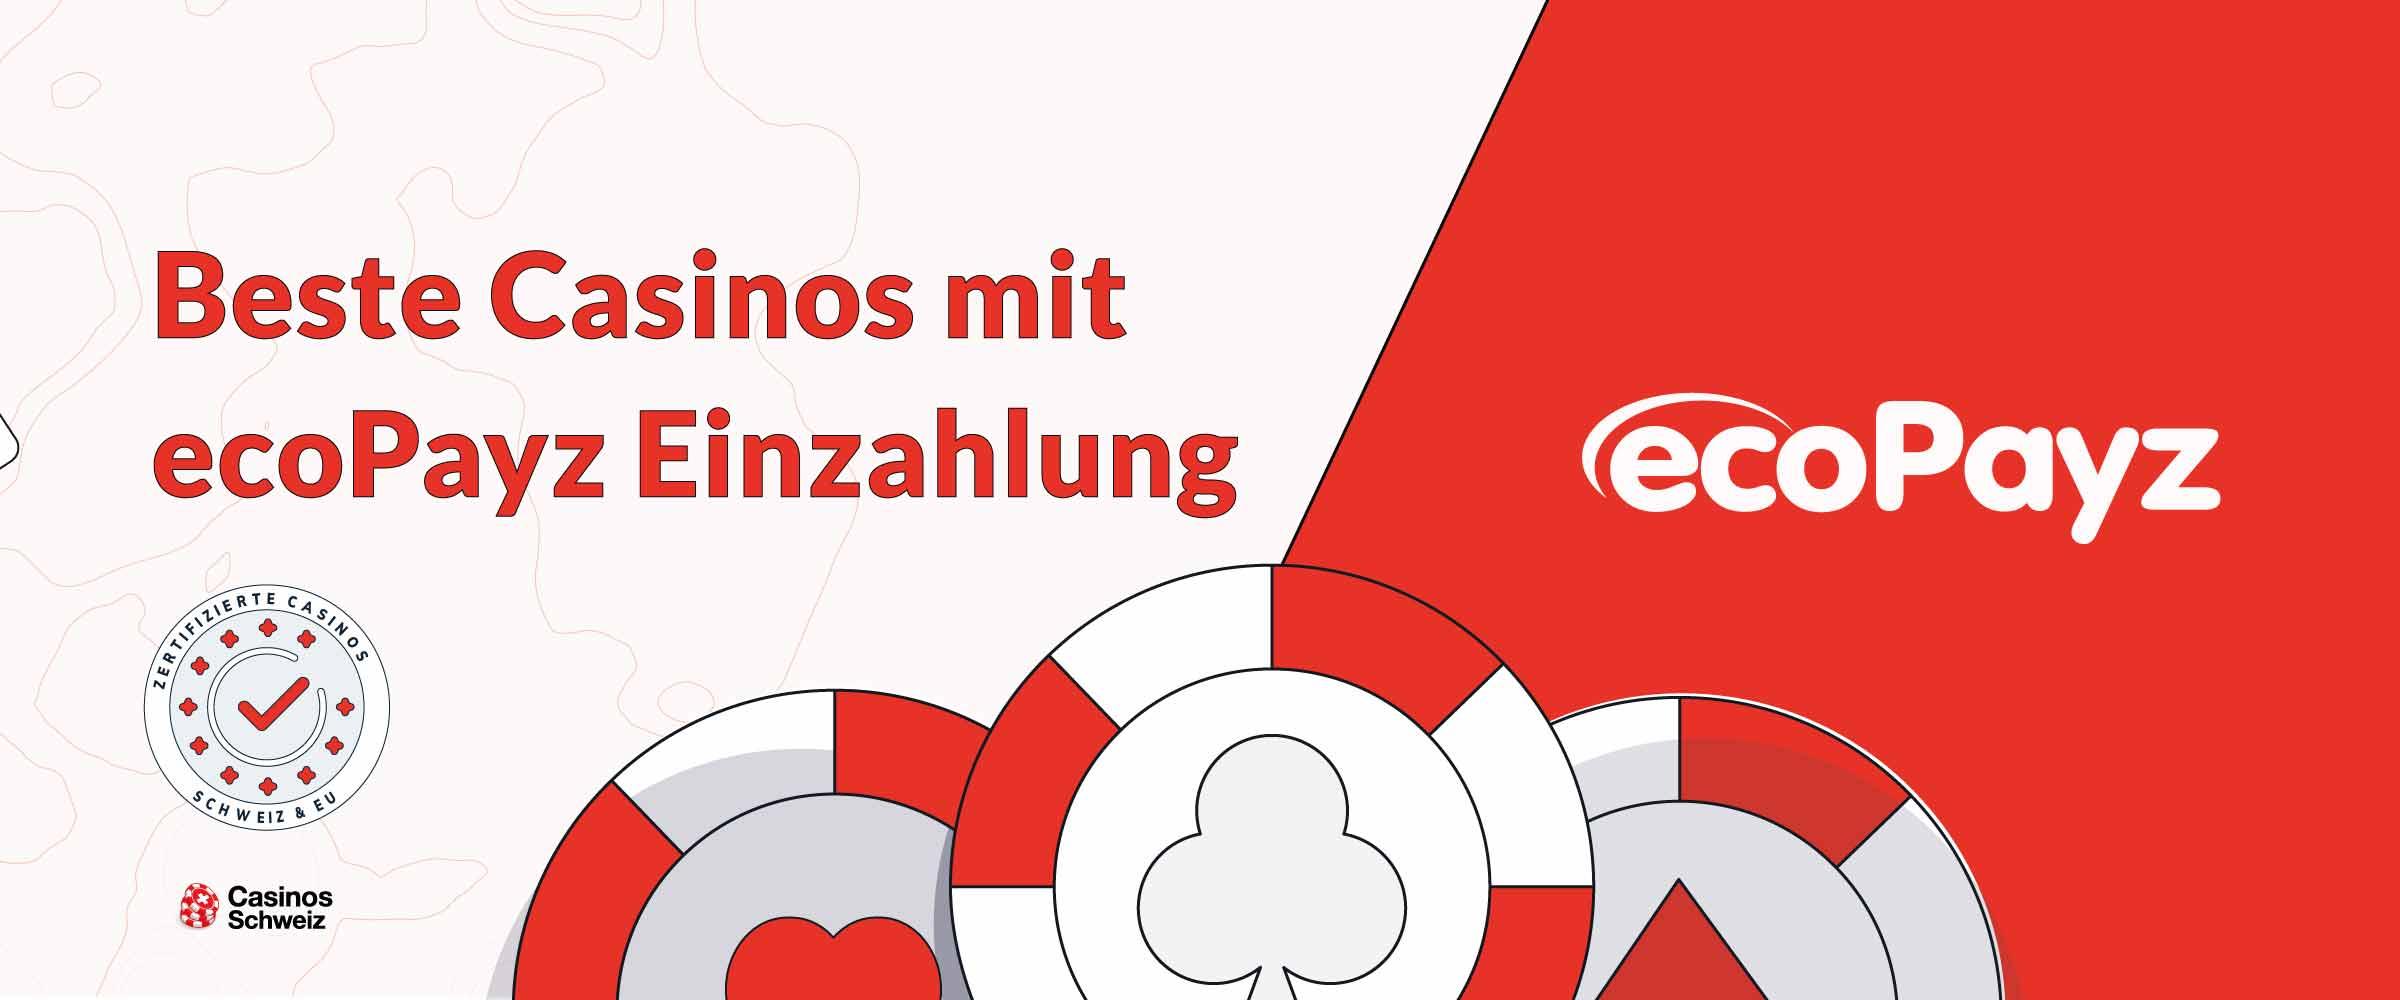 Beste Casinos mit ecoPayz-Einzahlung